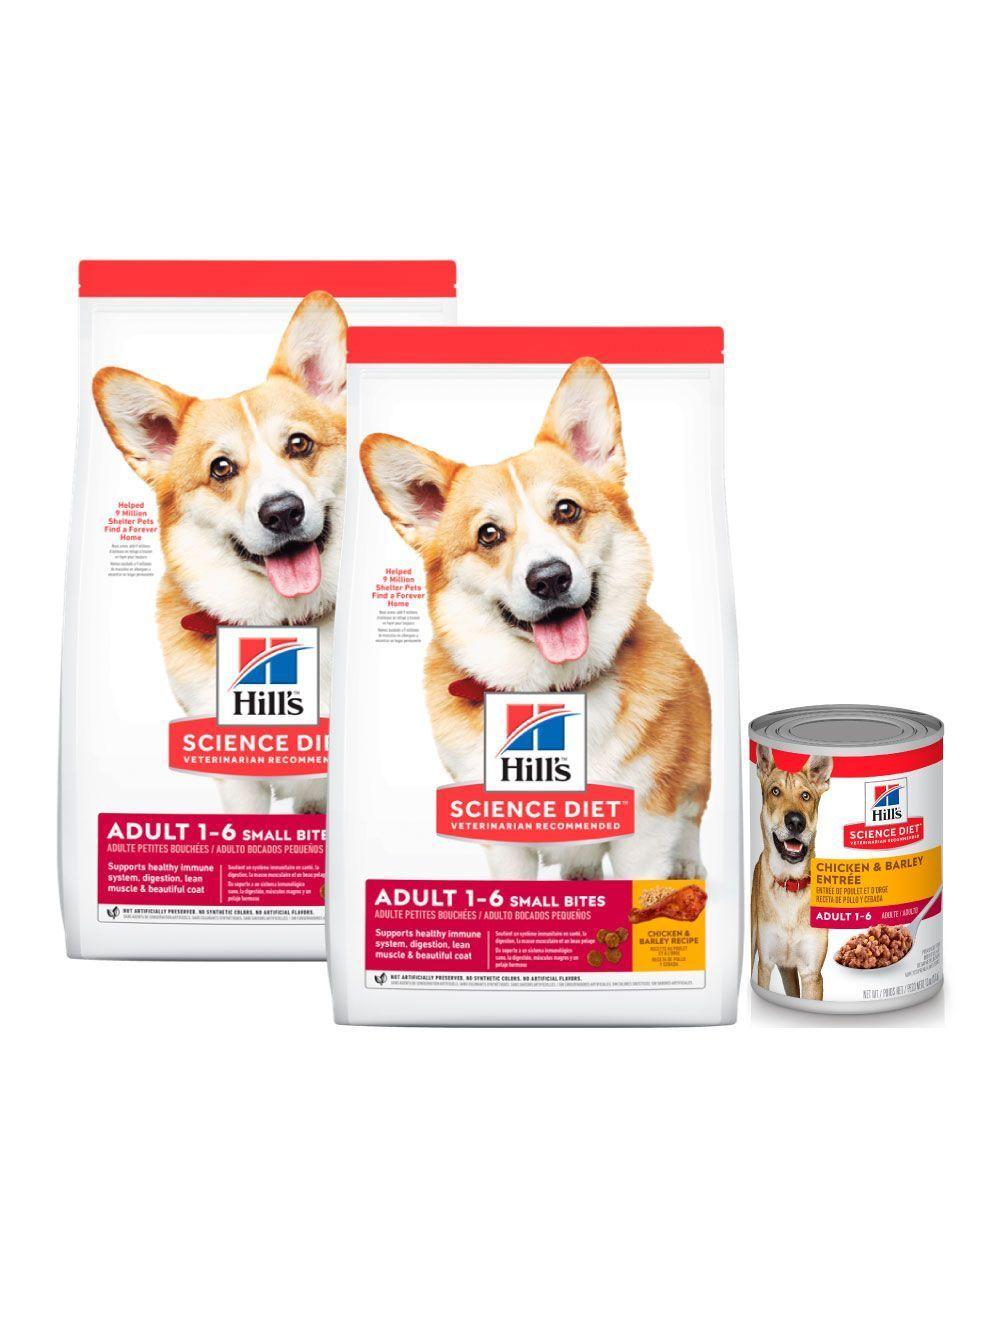 Hills Perro Adulto Small Bites 6.8 Kg x 2 Unidades + Hills Lata Perro Adulto Chicken 370 g